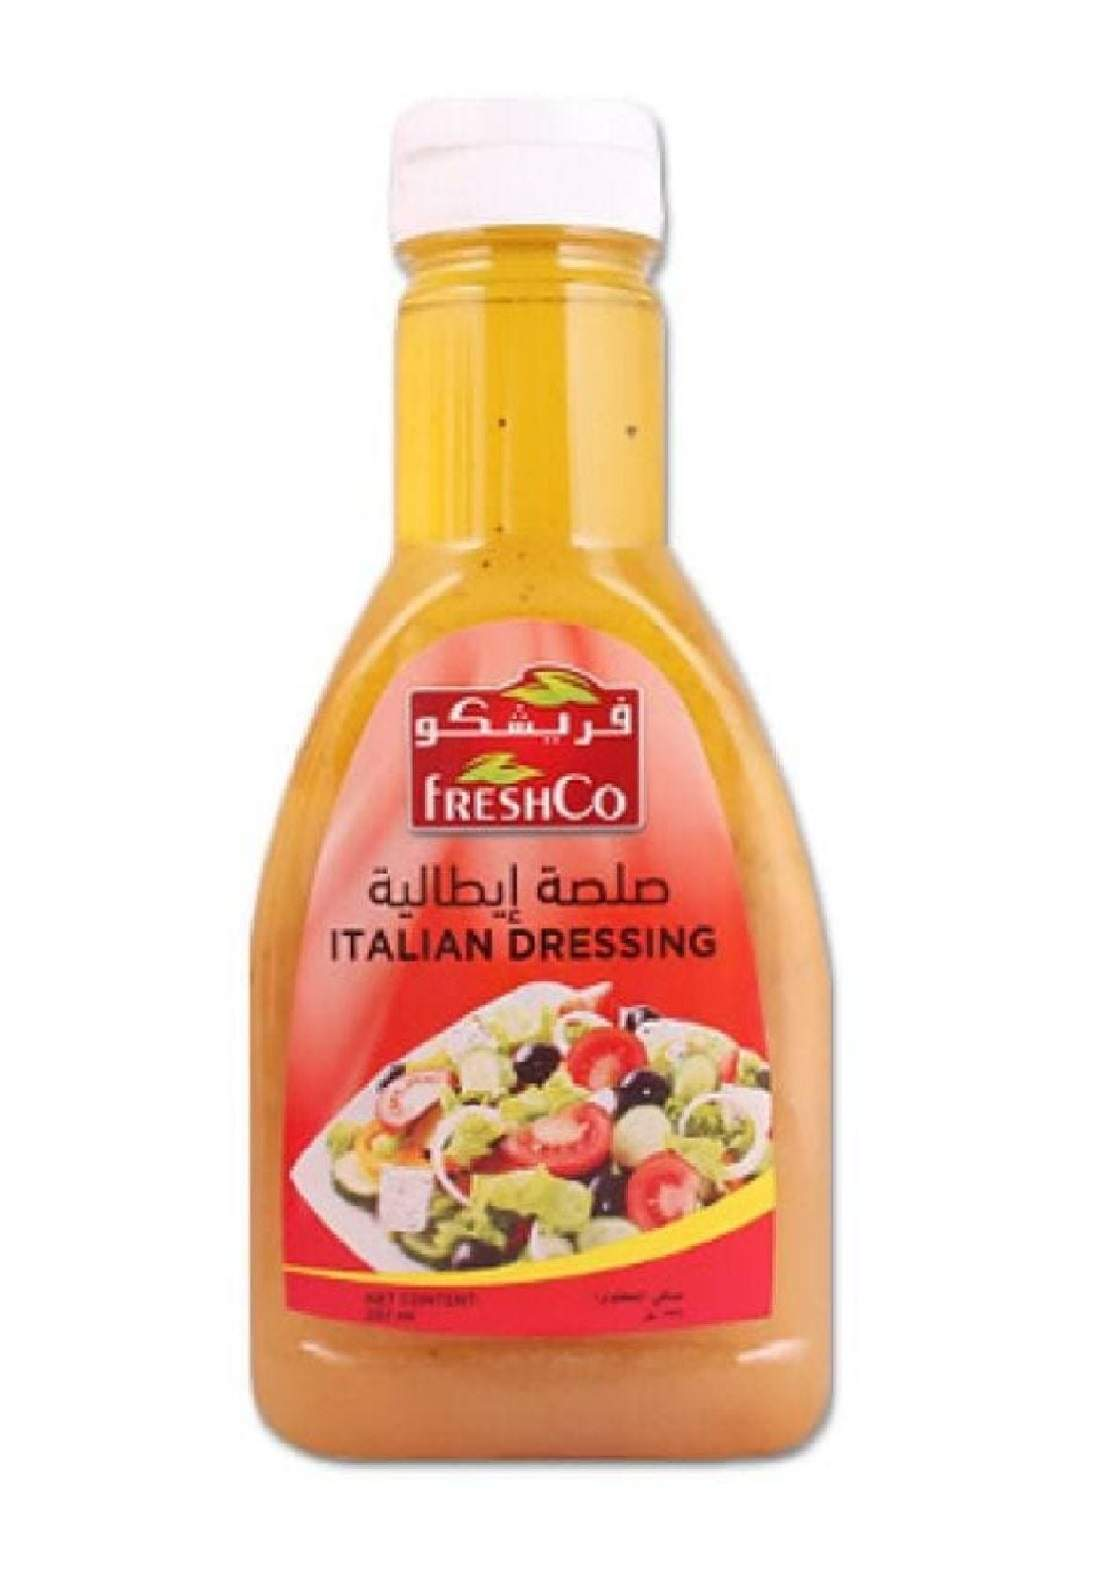 Freshco italan dressing 237ml فريشكو صلصة ايطالية